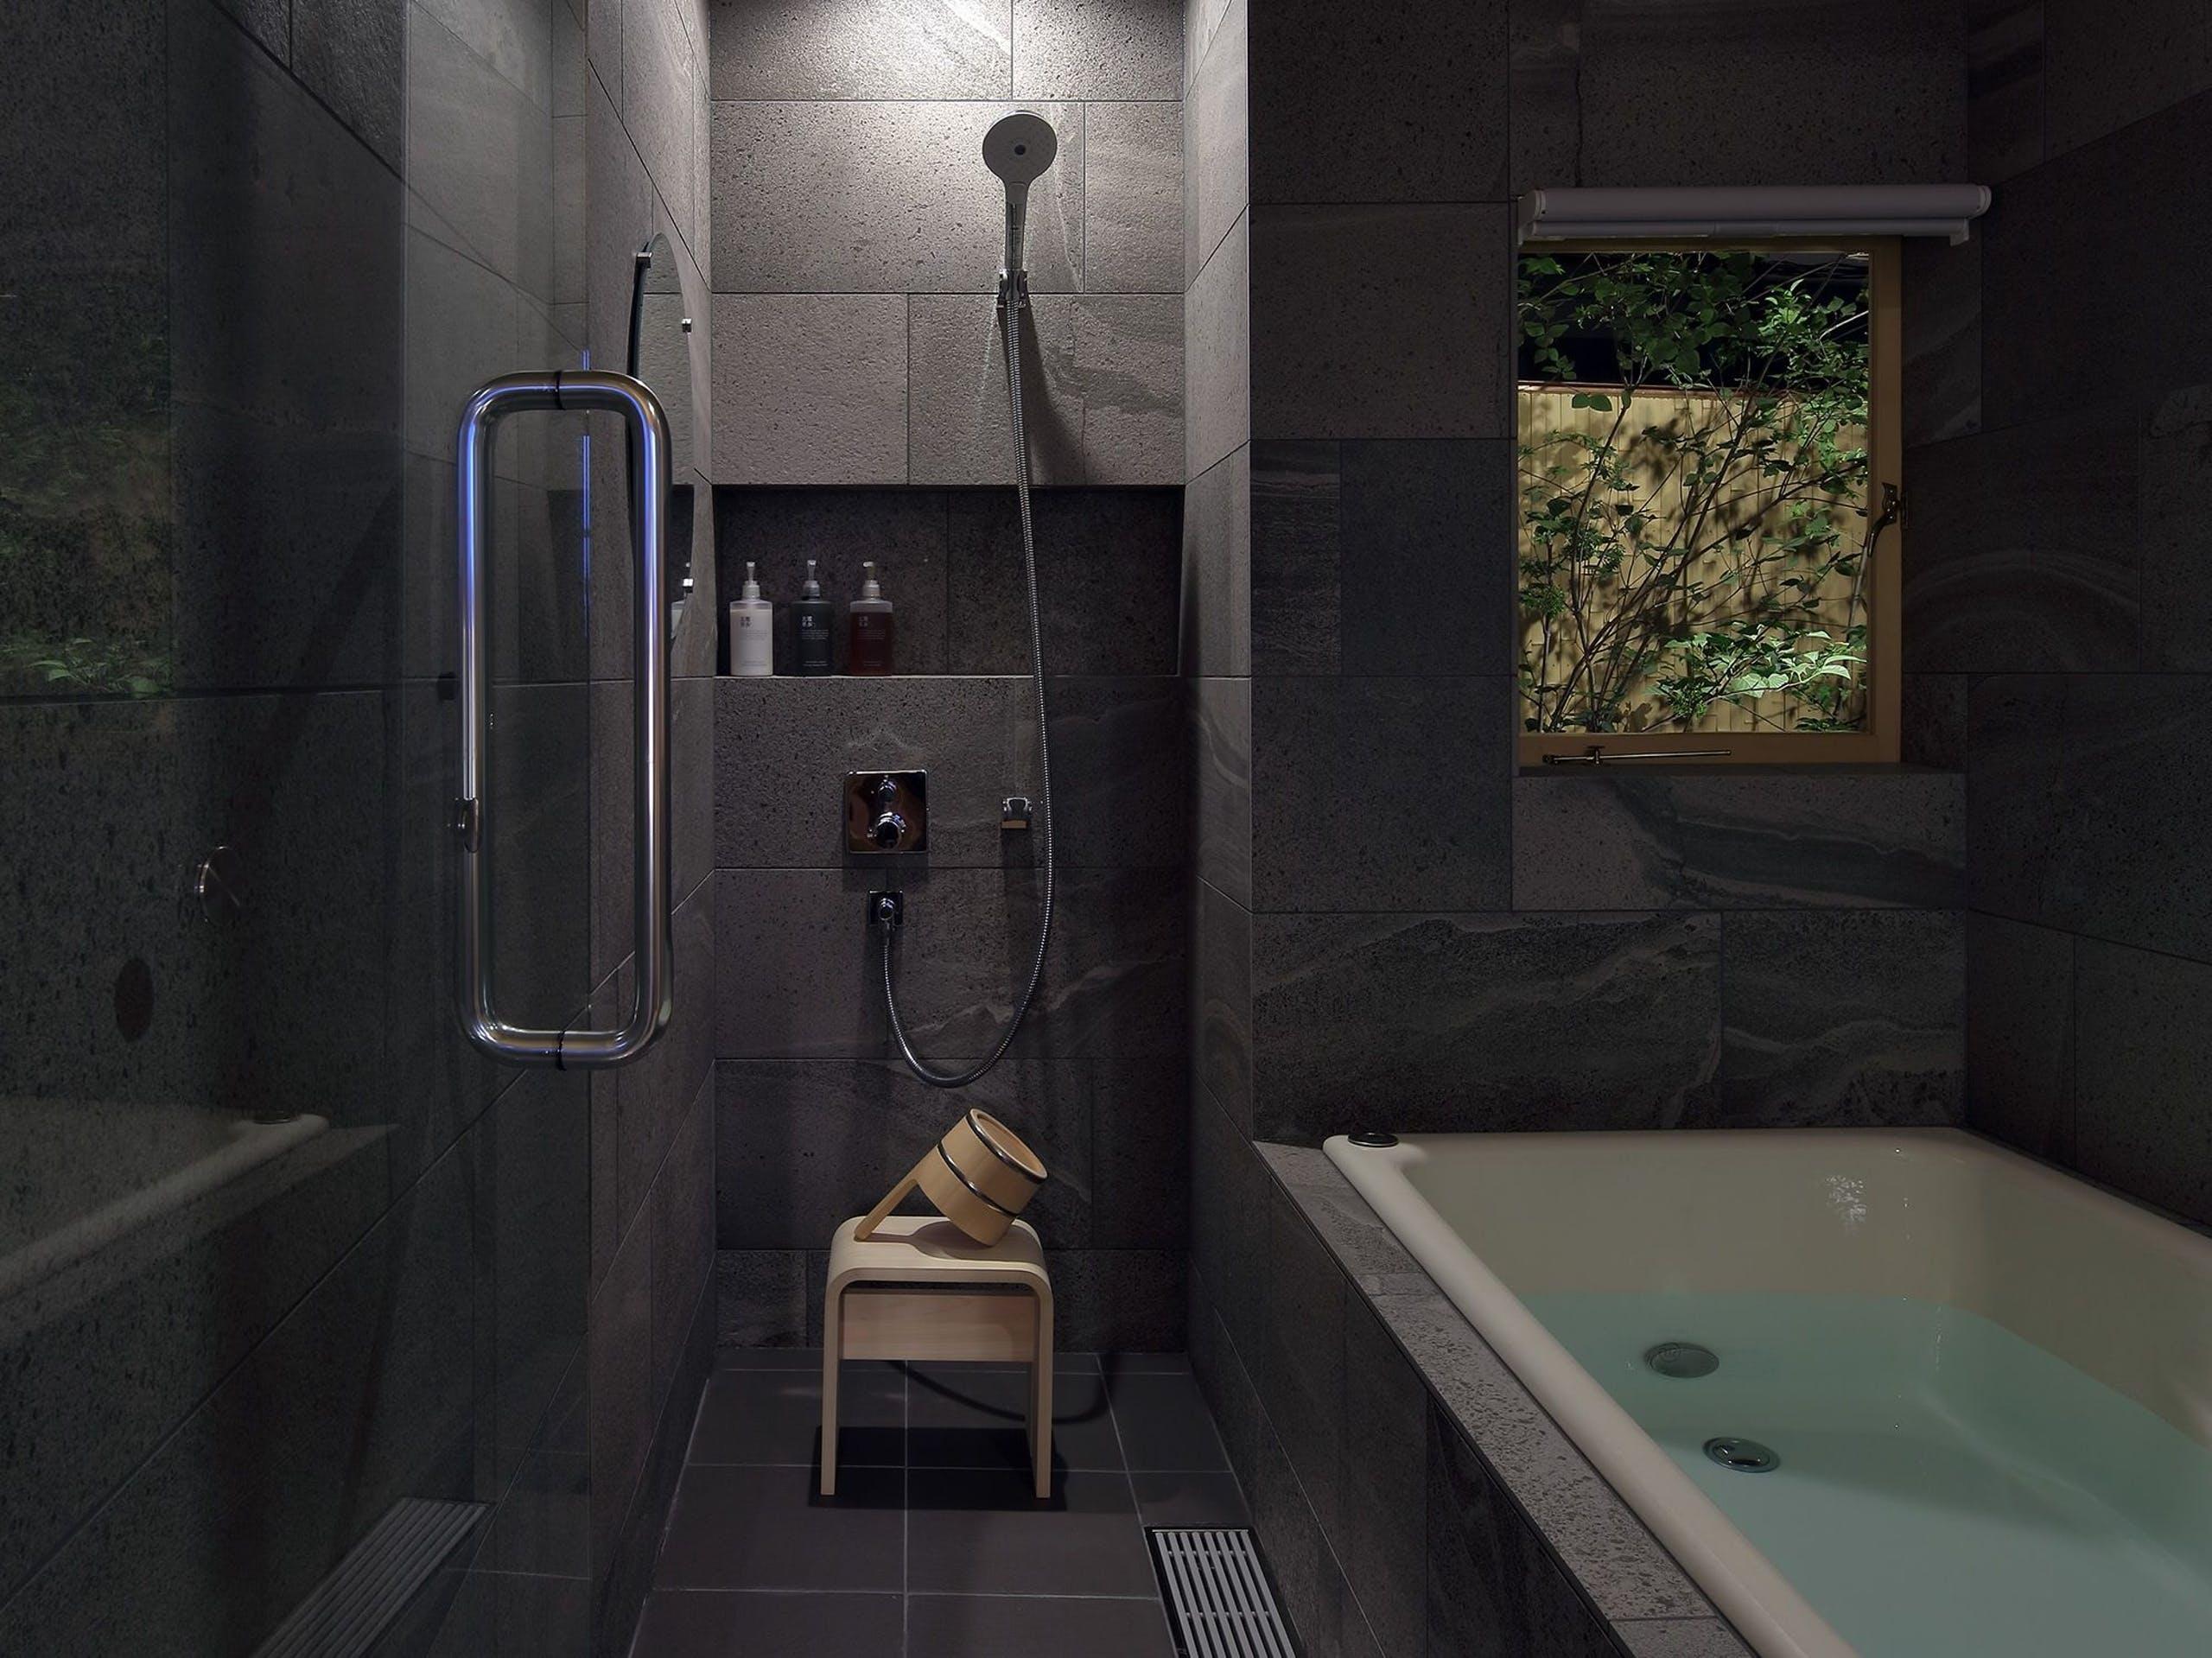 広島のホーローでこしらえた浴槽に身を沈め、おだやかな夜を